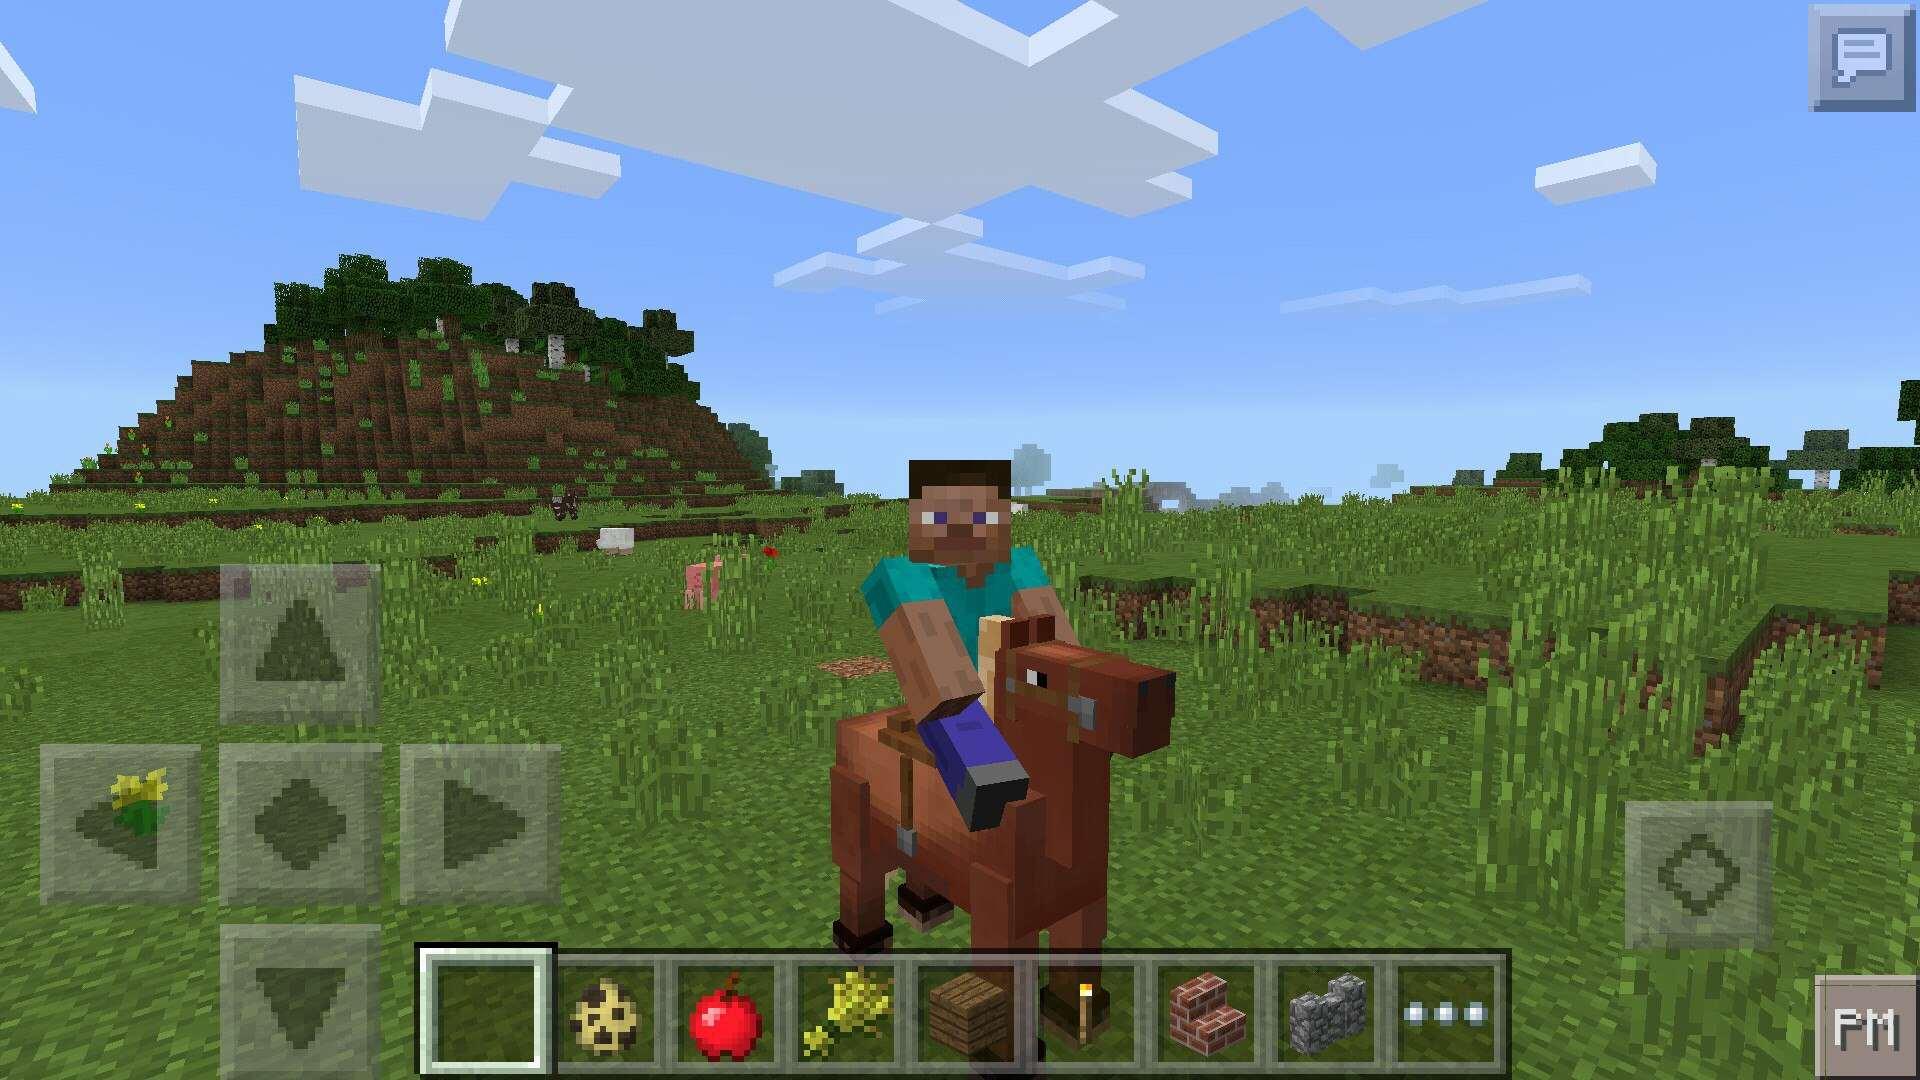 как приручить лошадь в майнкрафте 1.8.9 в творческом режиме